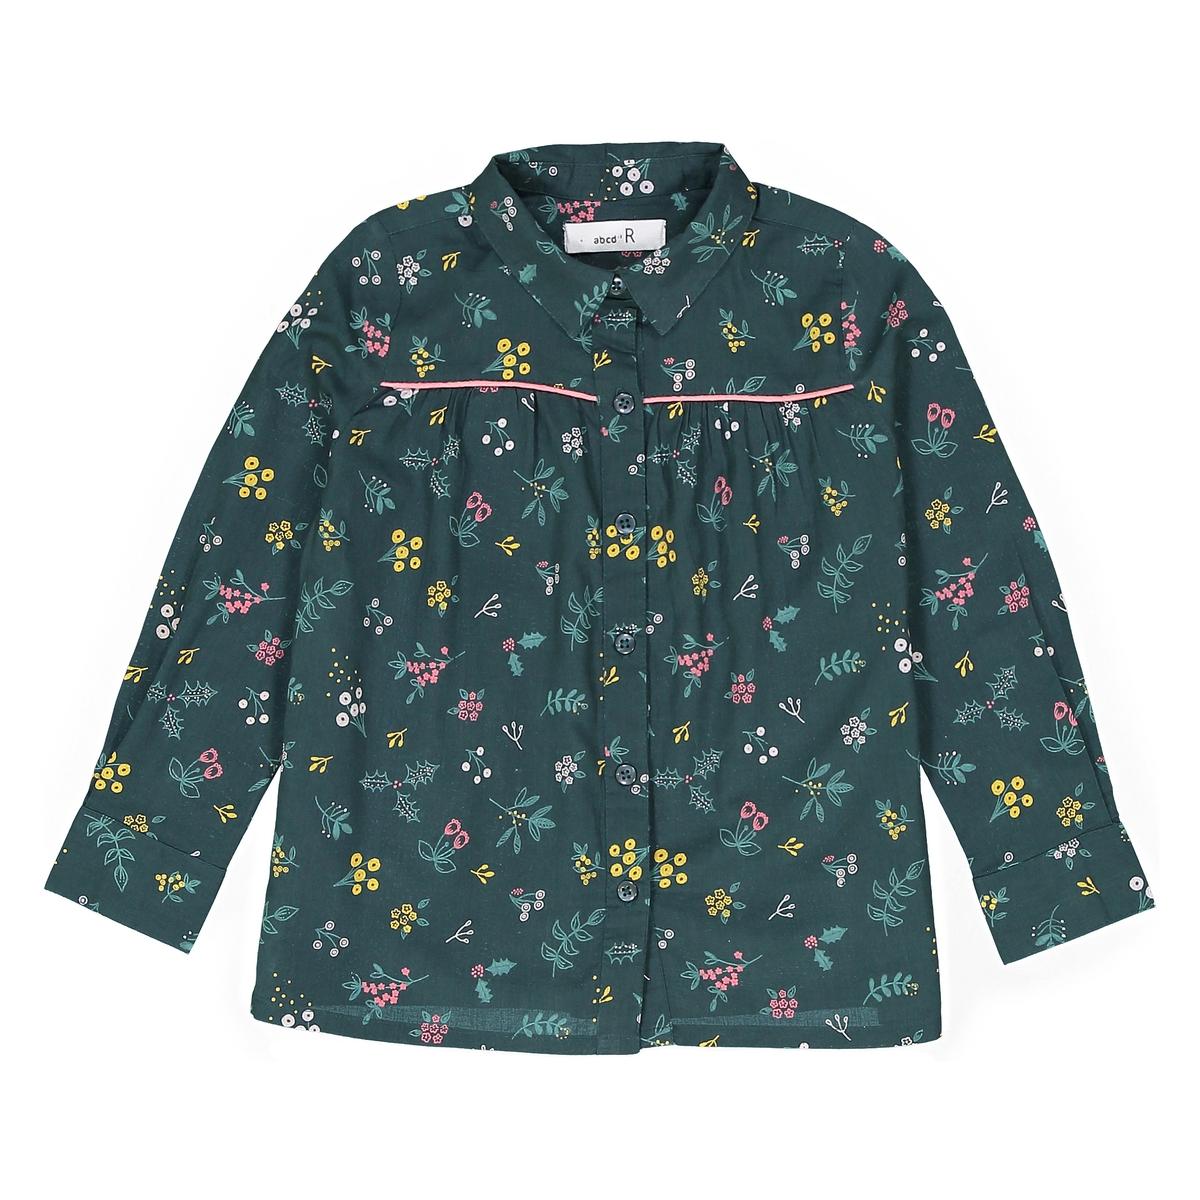 Рубашка с цветочным принтом 3-12 летДетали •  Длина  : удлиненная модель •  Длинные рукава •  Прямой покрой •  Круглый вырез •  Рисунок-принтСостав и уход •  100% хлопок •  Температура стирки 30° • Средняя температура глажки / не отбеливать     • Барабанная сушка на слабом режиме       • Сухая чистка запрещена<br><br>Цвет: набивной рисунок<br>Размер: 5 лет - 108 см.8 лет - 126 см.3 года - 94 см.6 лет - 114 см.10 лет - 138 см